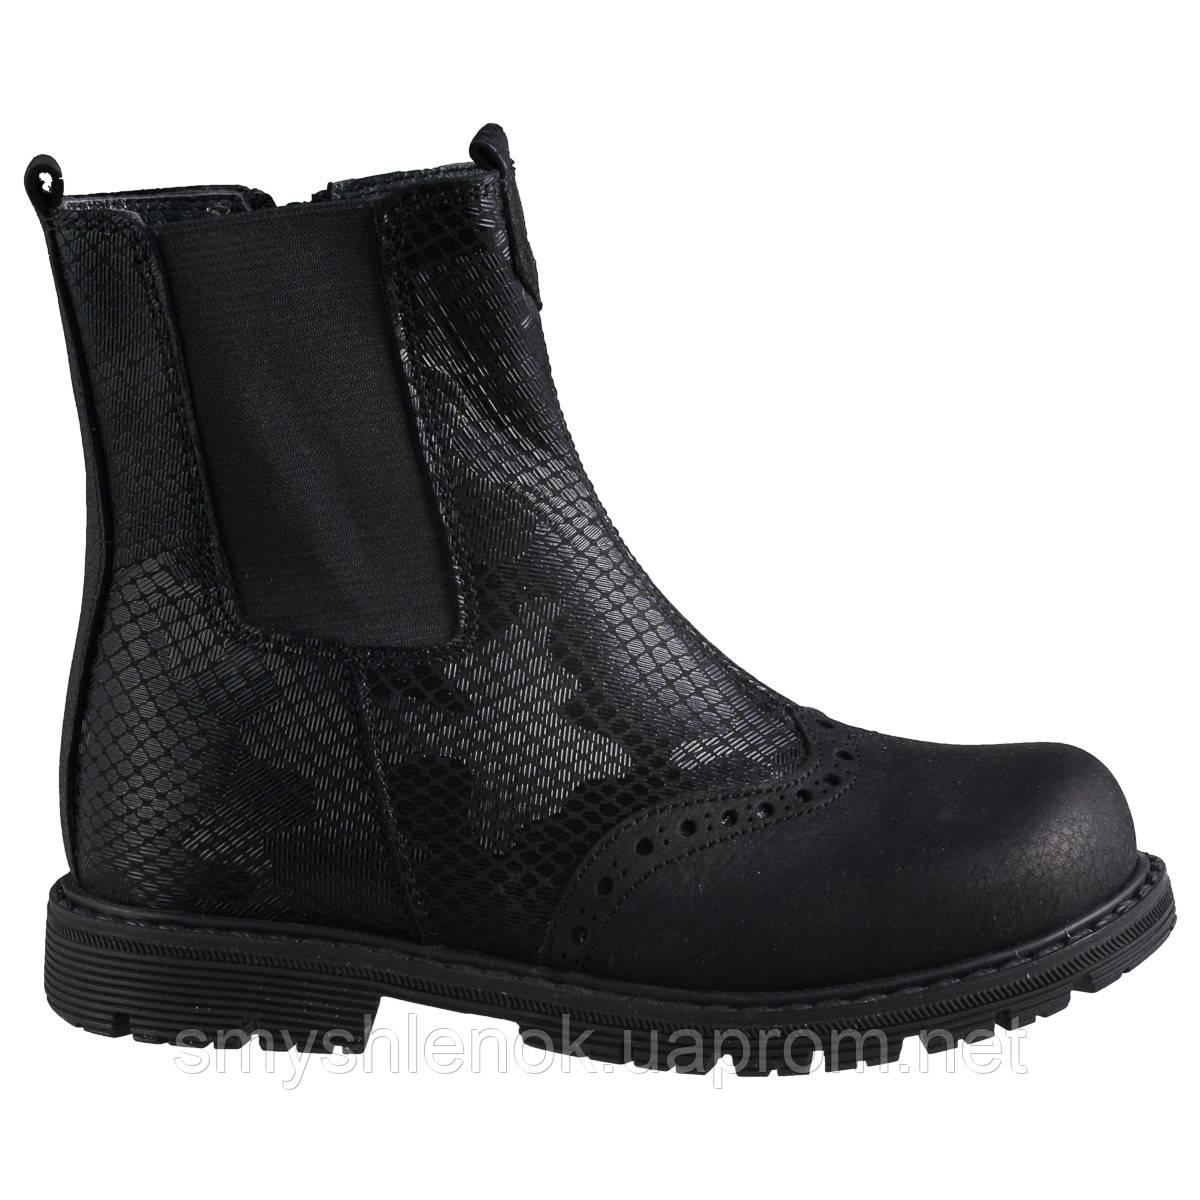 Ботинки Theo Leo RN613 25 16.5 см Черные